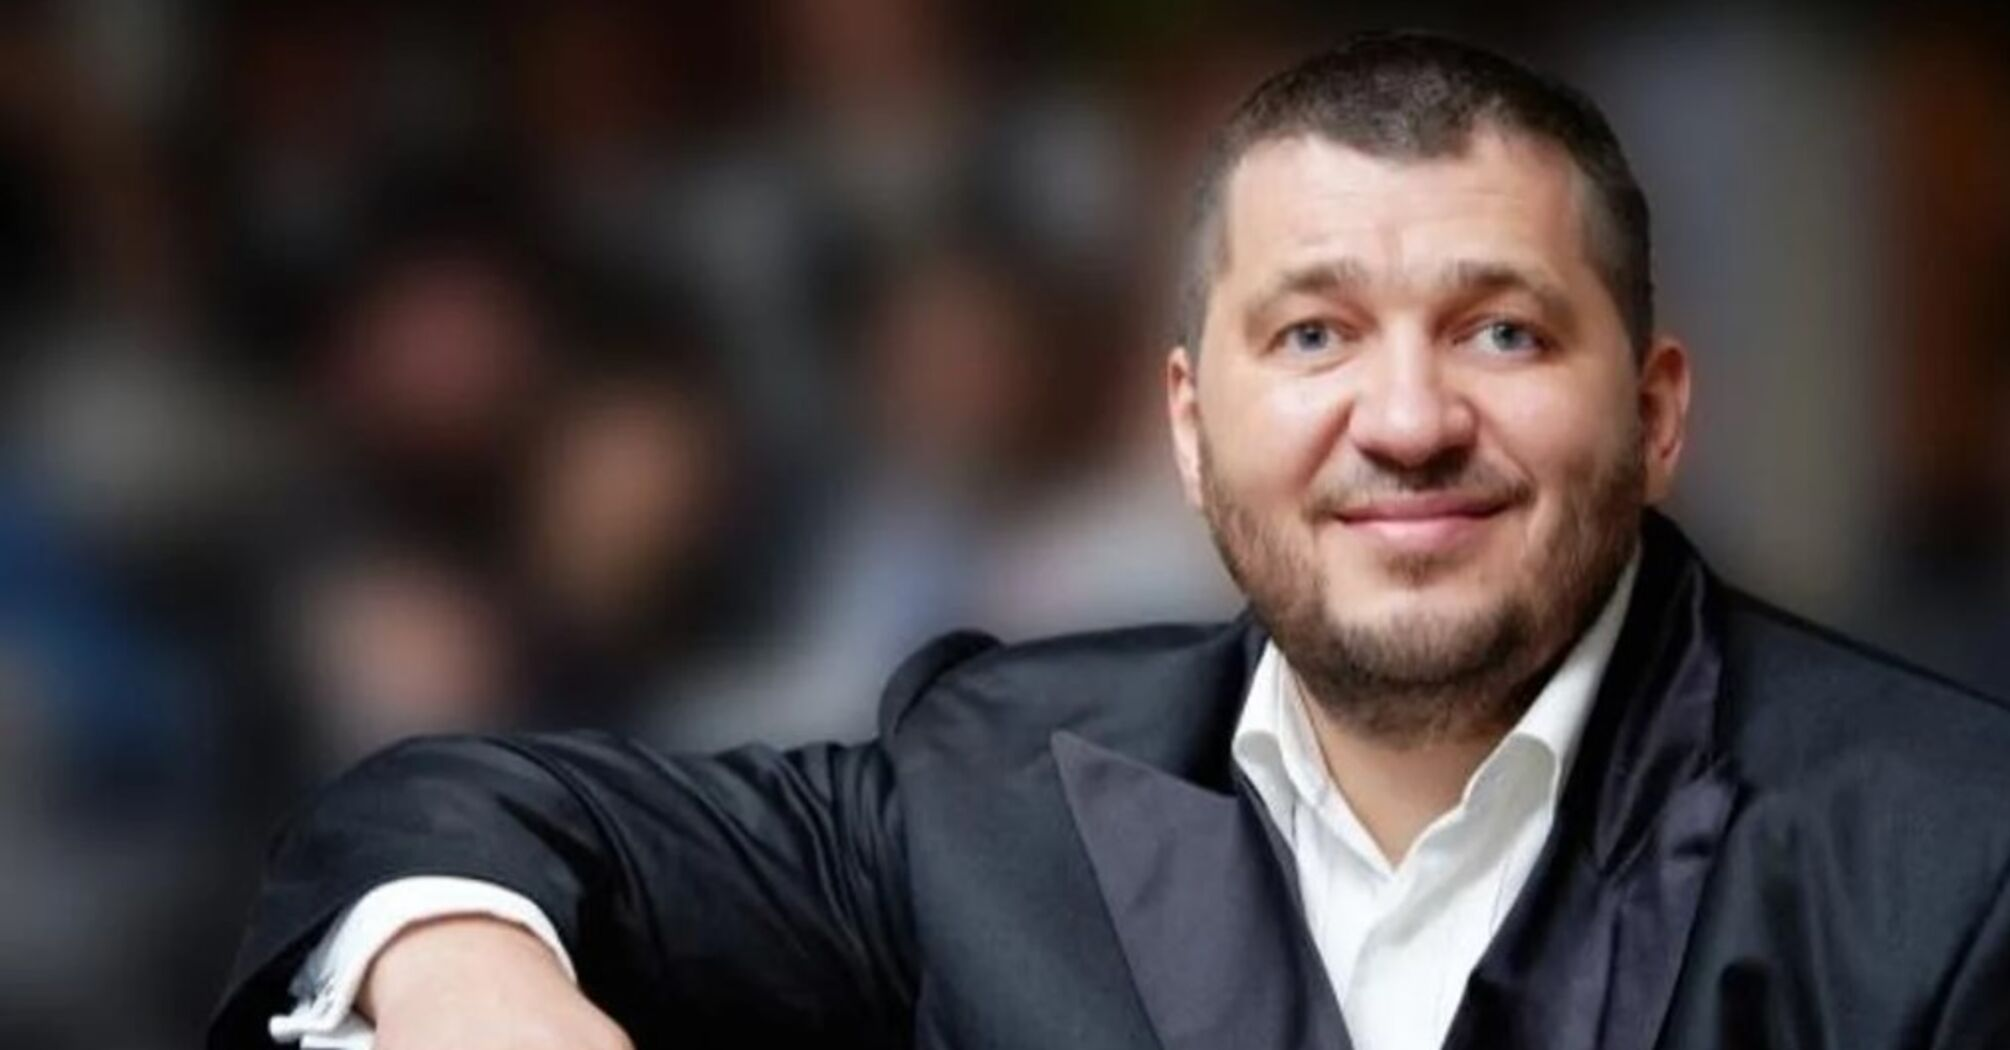 Экс-супруга скандального бизнесмена Грановского рассказала об аферах беглого олигарха